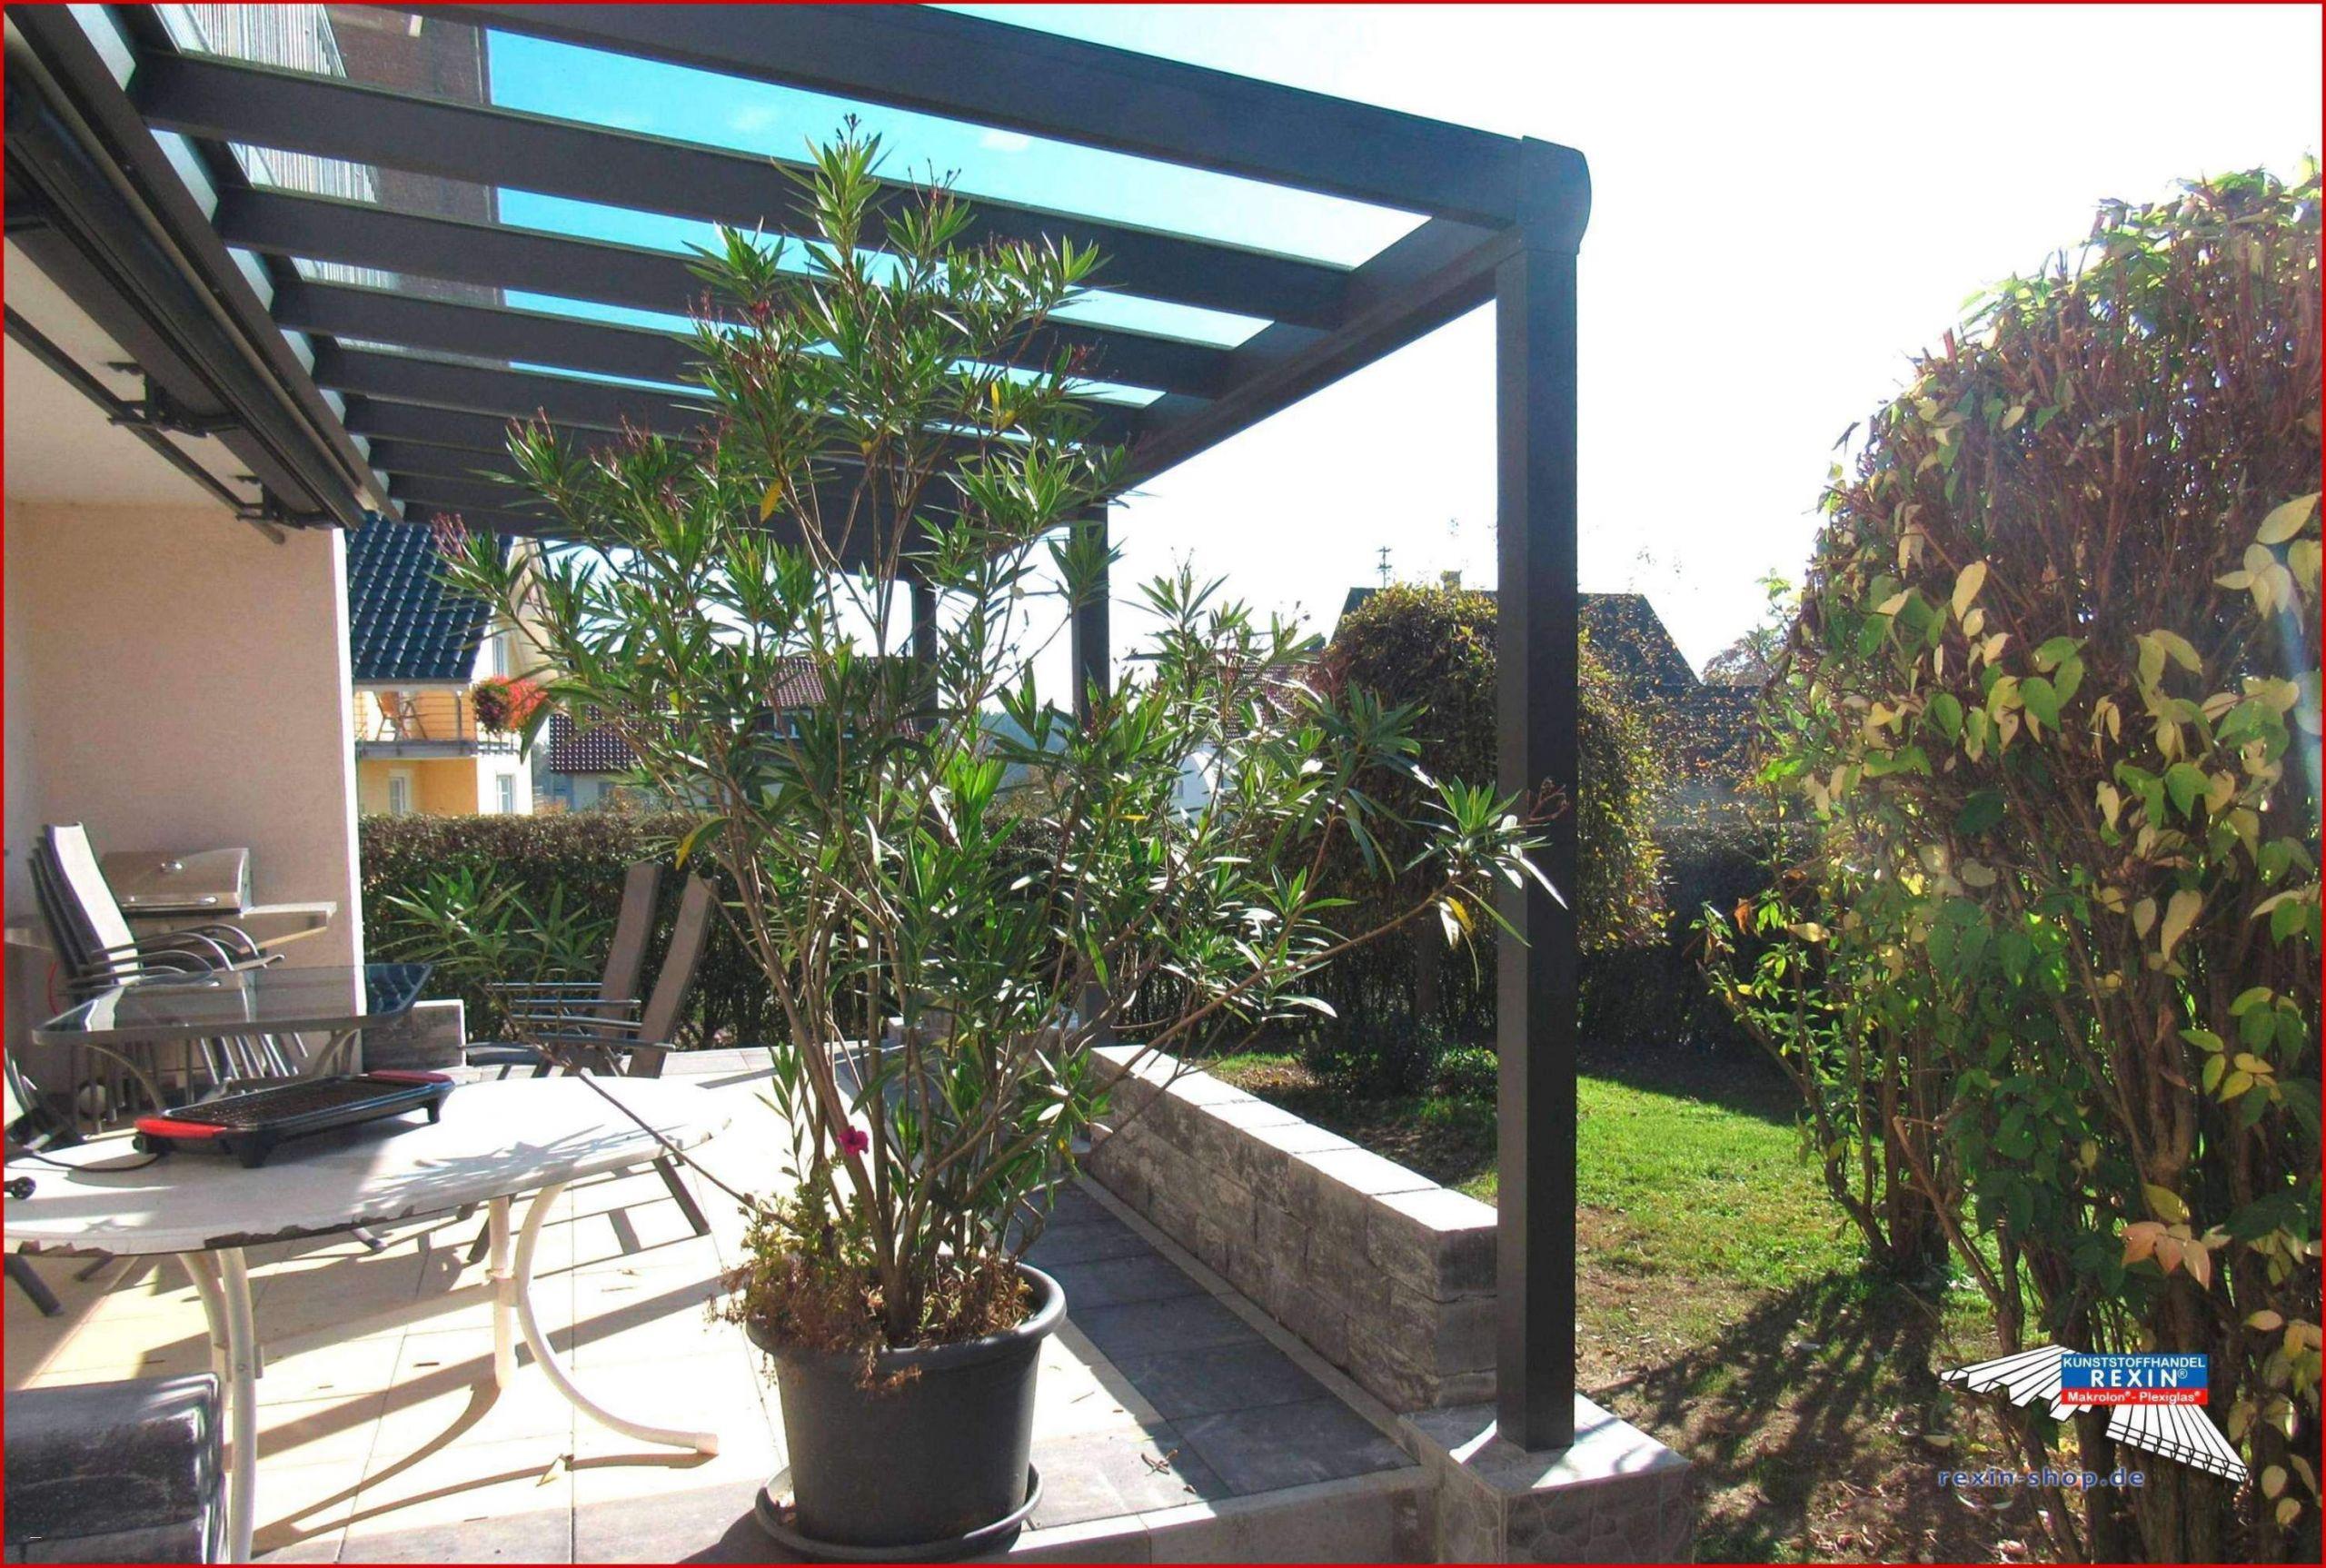 Schöner Sichtschutz Für Den Garten Frisch Pflanzen Als Sichtschutz Im Kübel — Temobardz Home Blog